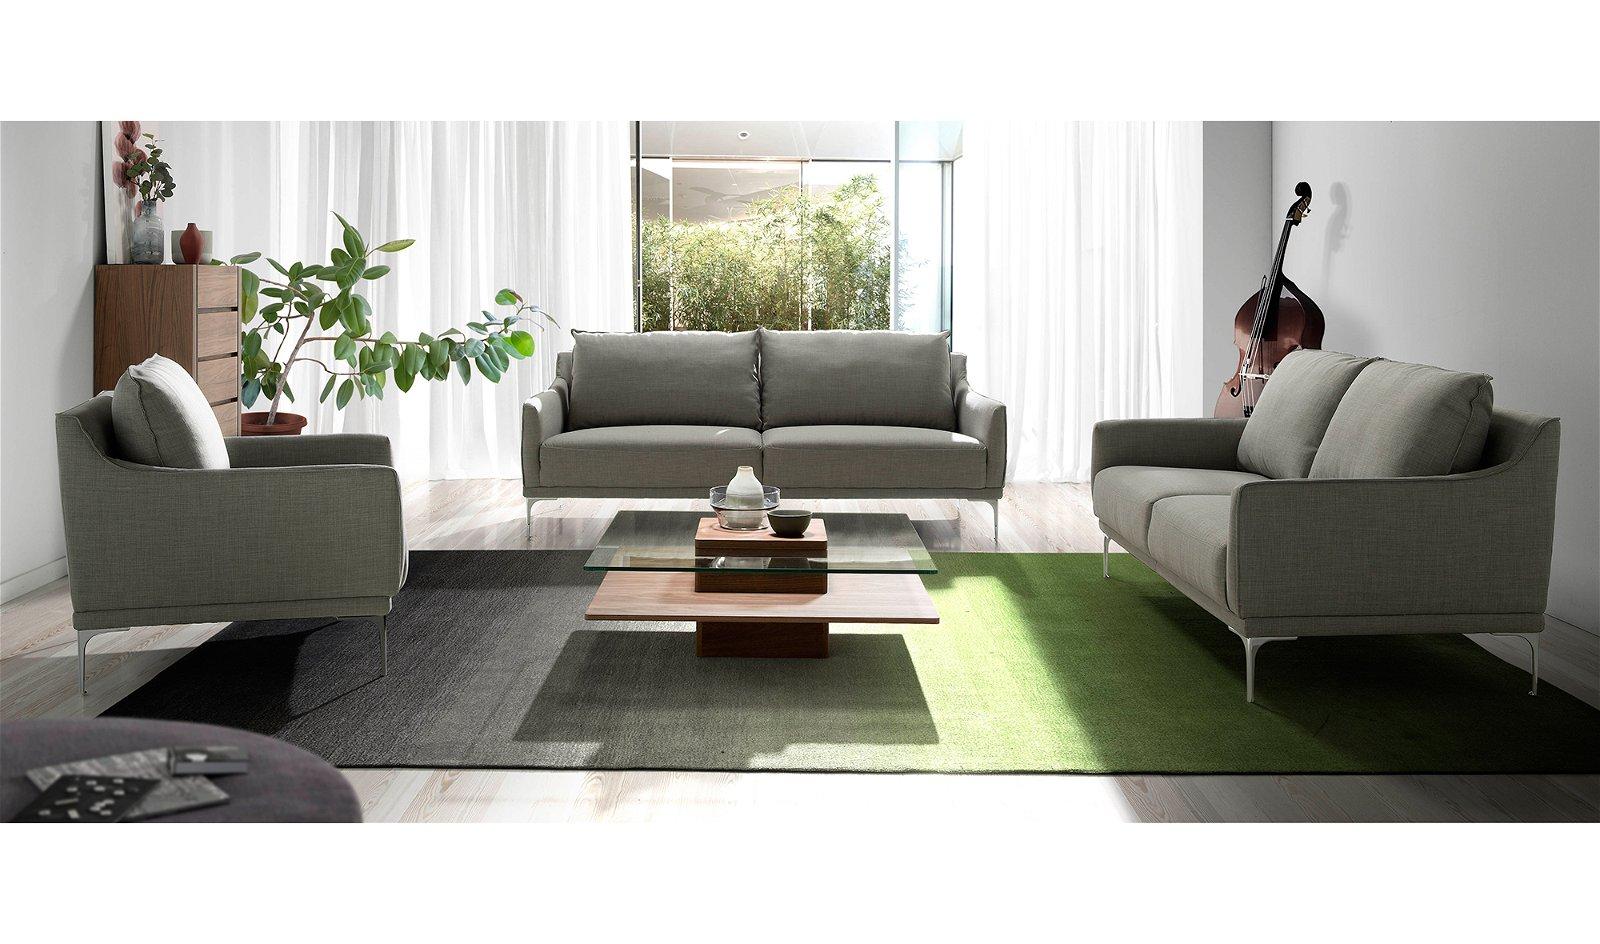 Sofá tapizado en tela patas cromadas Taormina